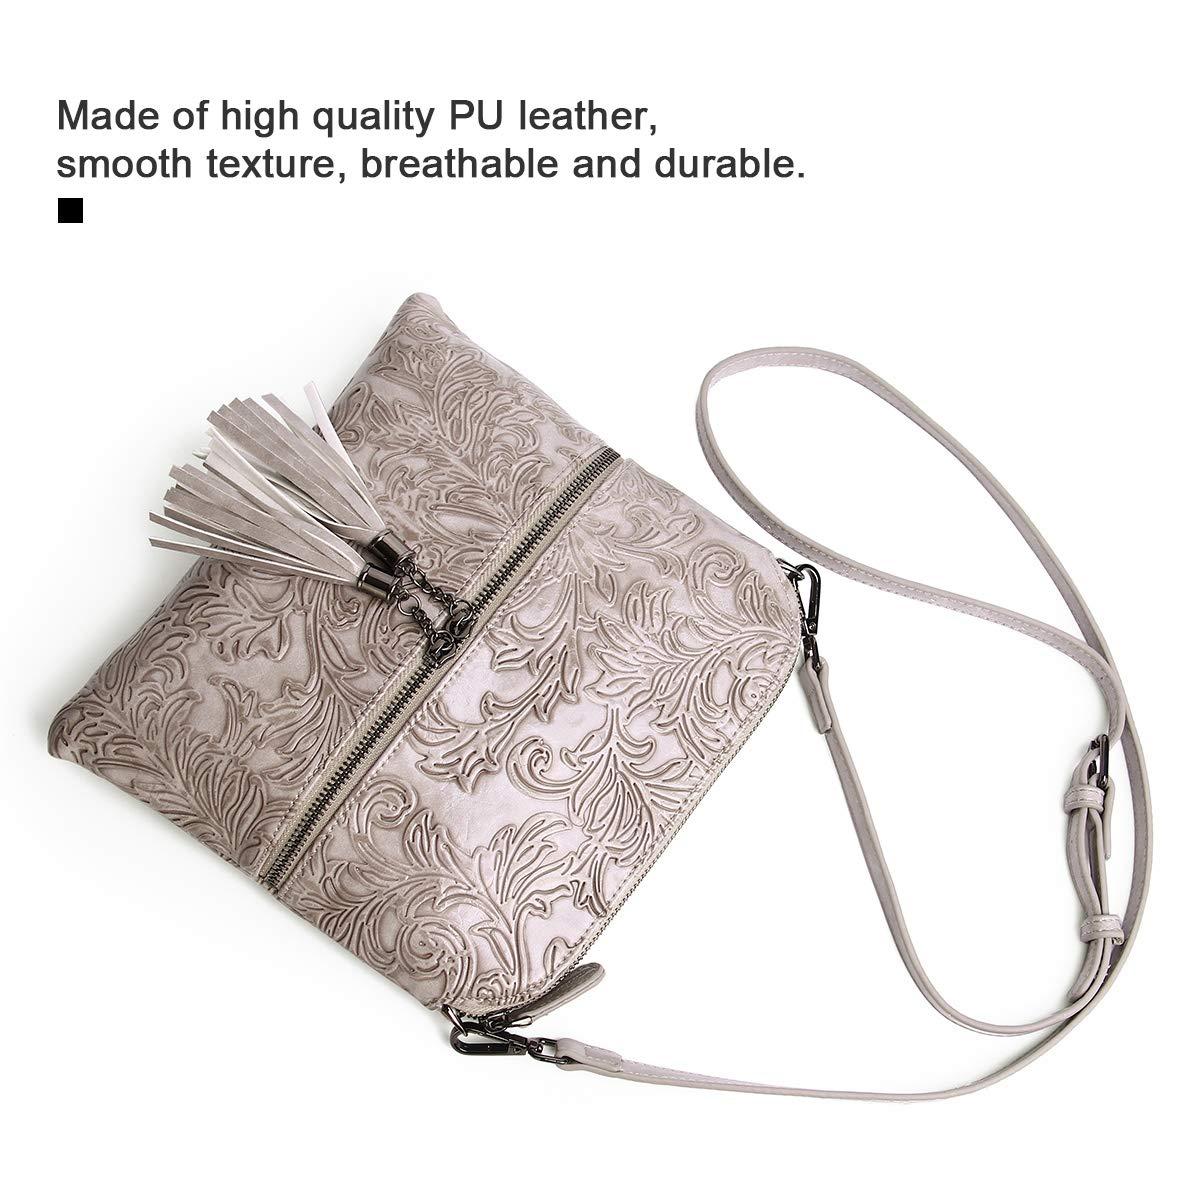 Kvinnor designer cross-body väskor flera fickor tofs axelväskor PU-läder vintage blomma präglad multifunktionell crossbody väska för damer gåva 9581 9581gray